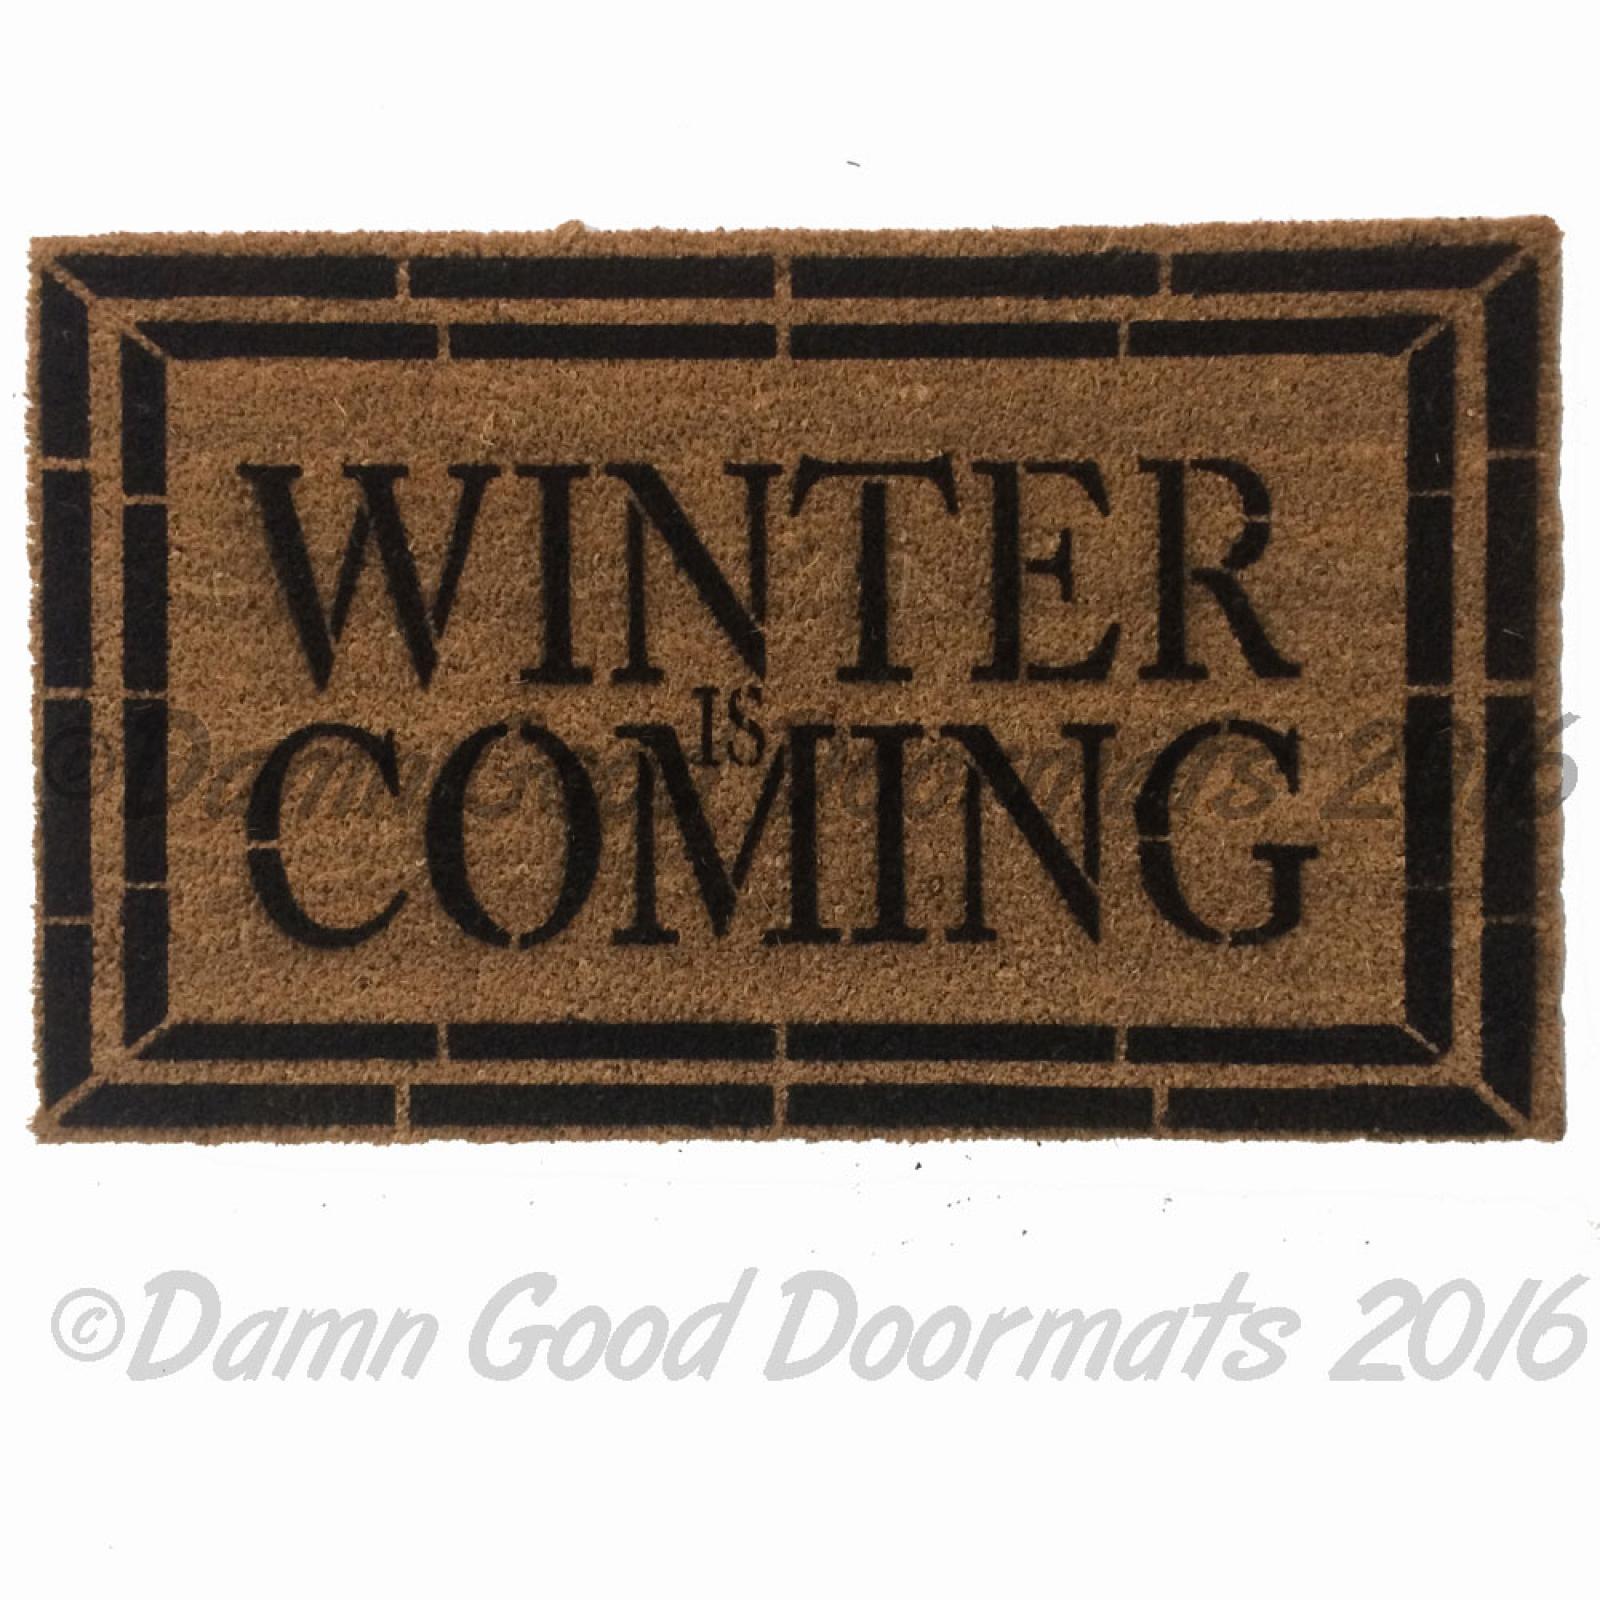 Hodor Game Of Thrones Doormat Damn Good Doormats